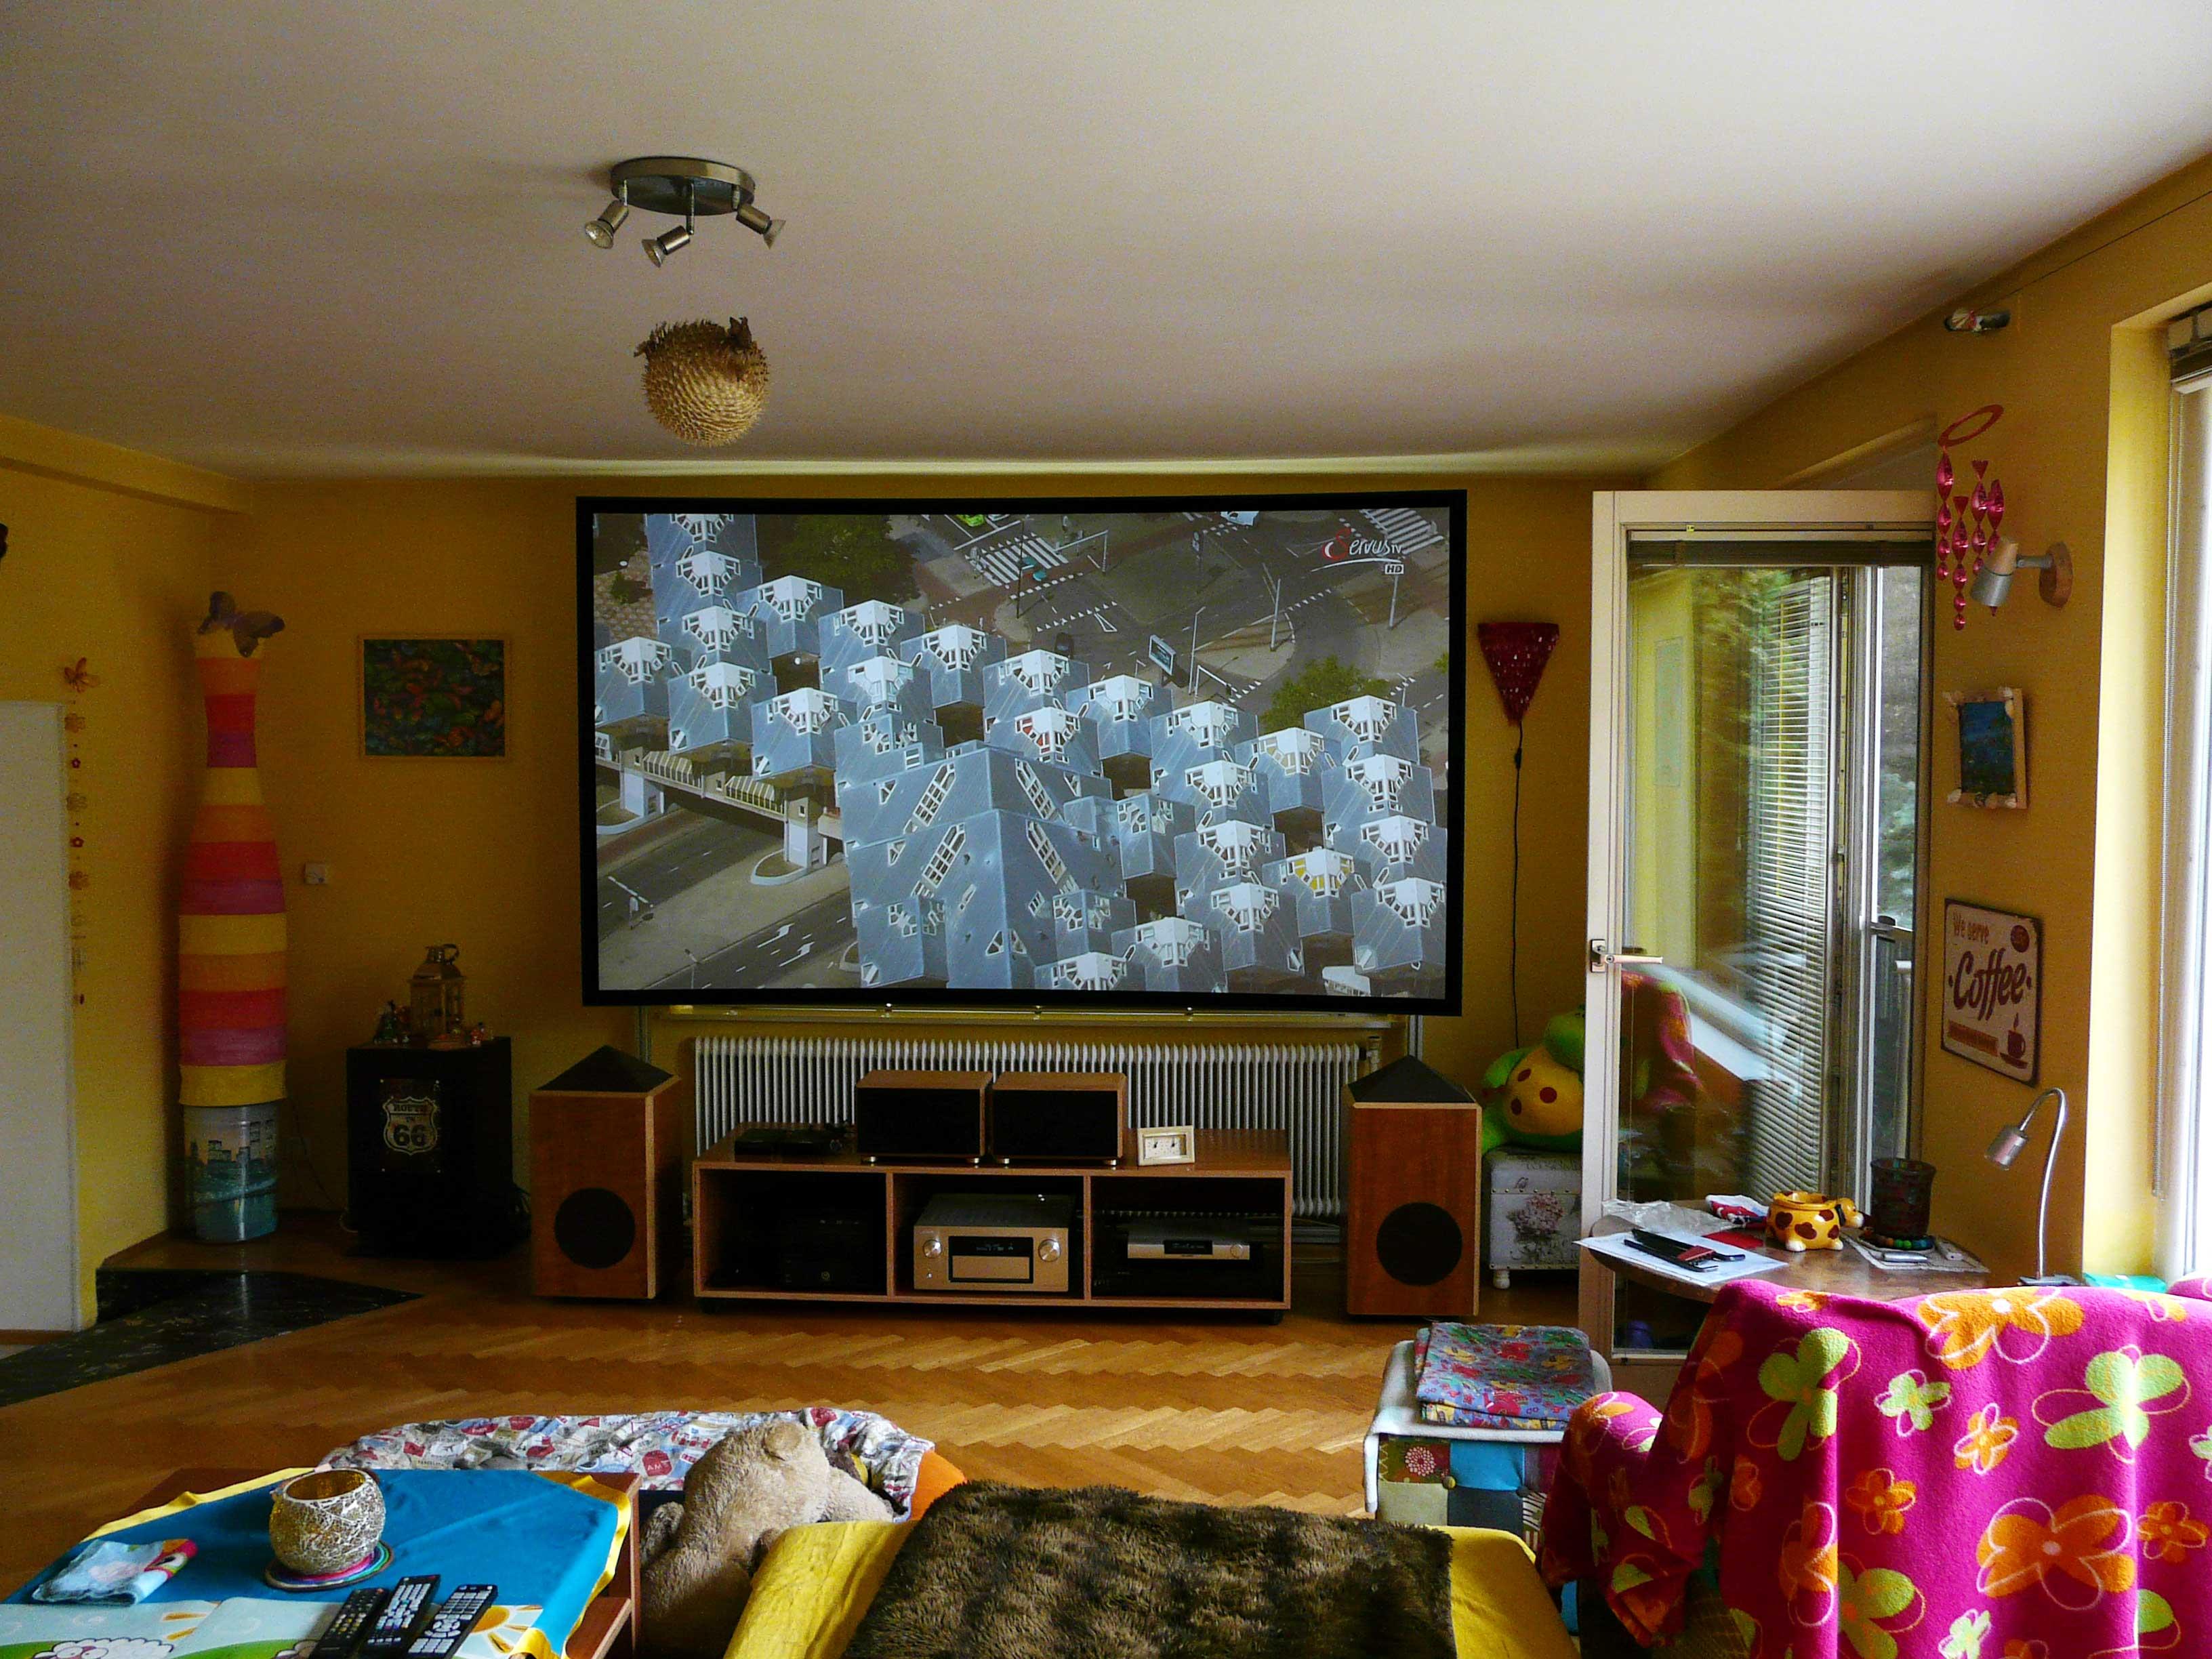 Erstaunlich ... Wohnzimmer Die CouchScreen Leinwand Ist Die Einzige Seit Jahren  Verfügbare Hochkontrastleinwand Die Auch Bei Einfall Von Streulicht